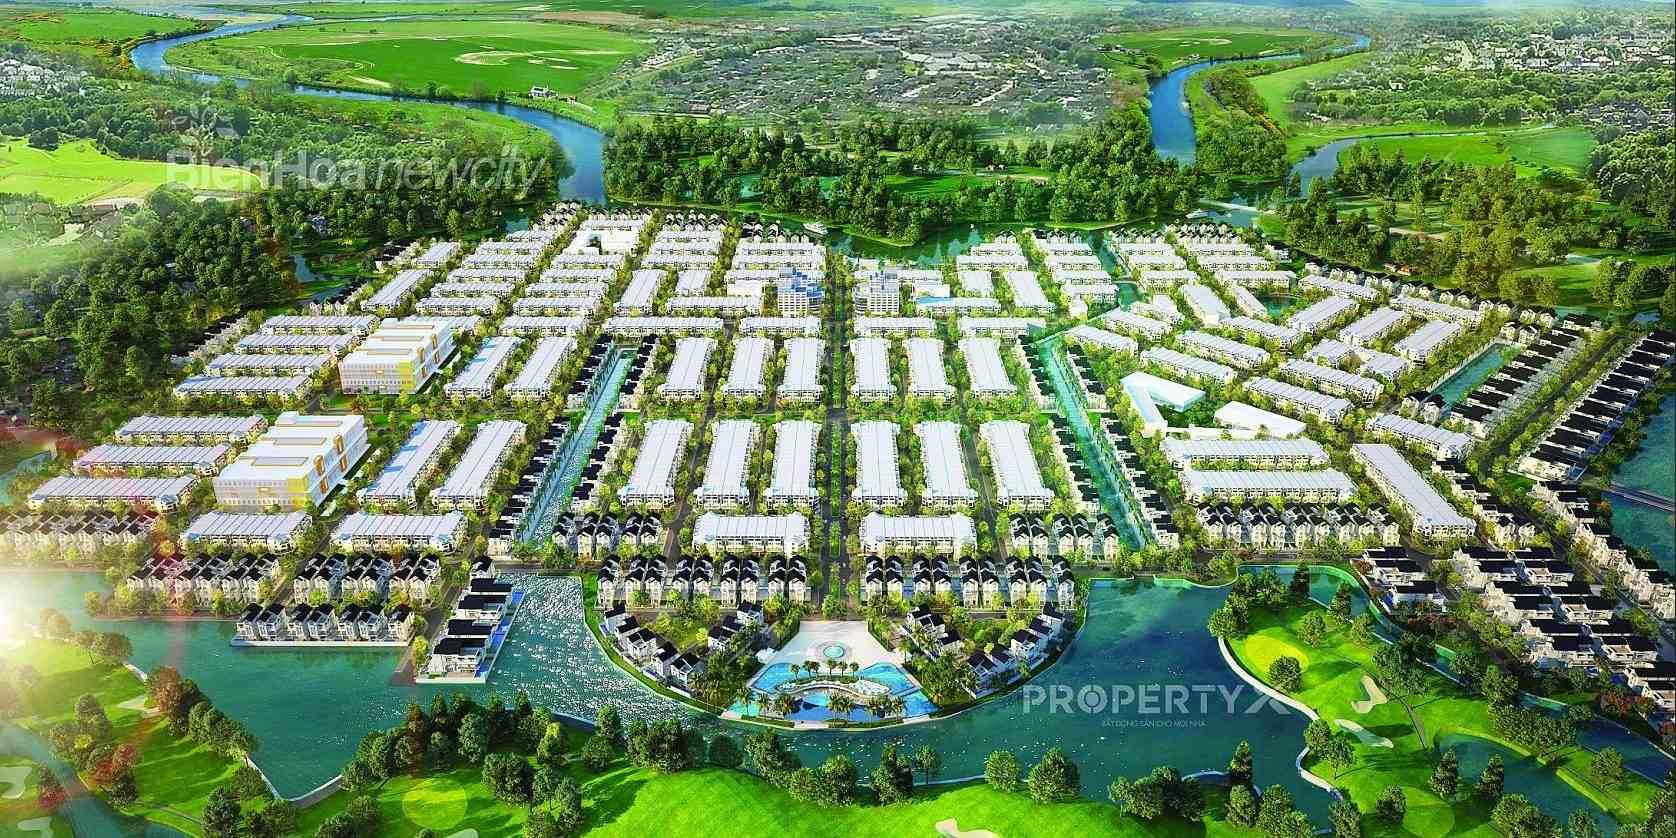 Dự án Biên Hoà New City Đồng Nai